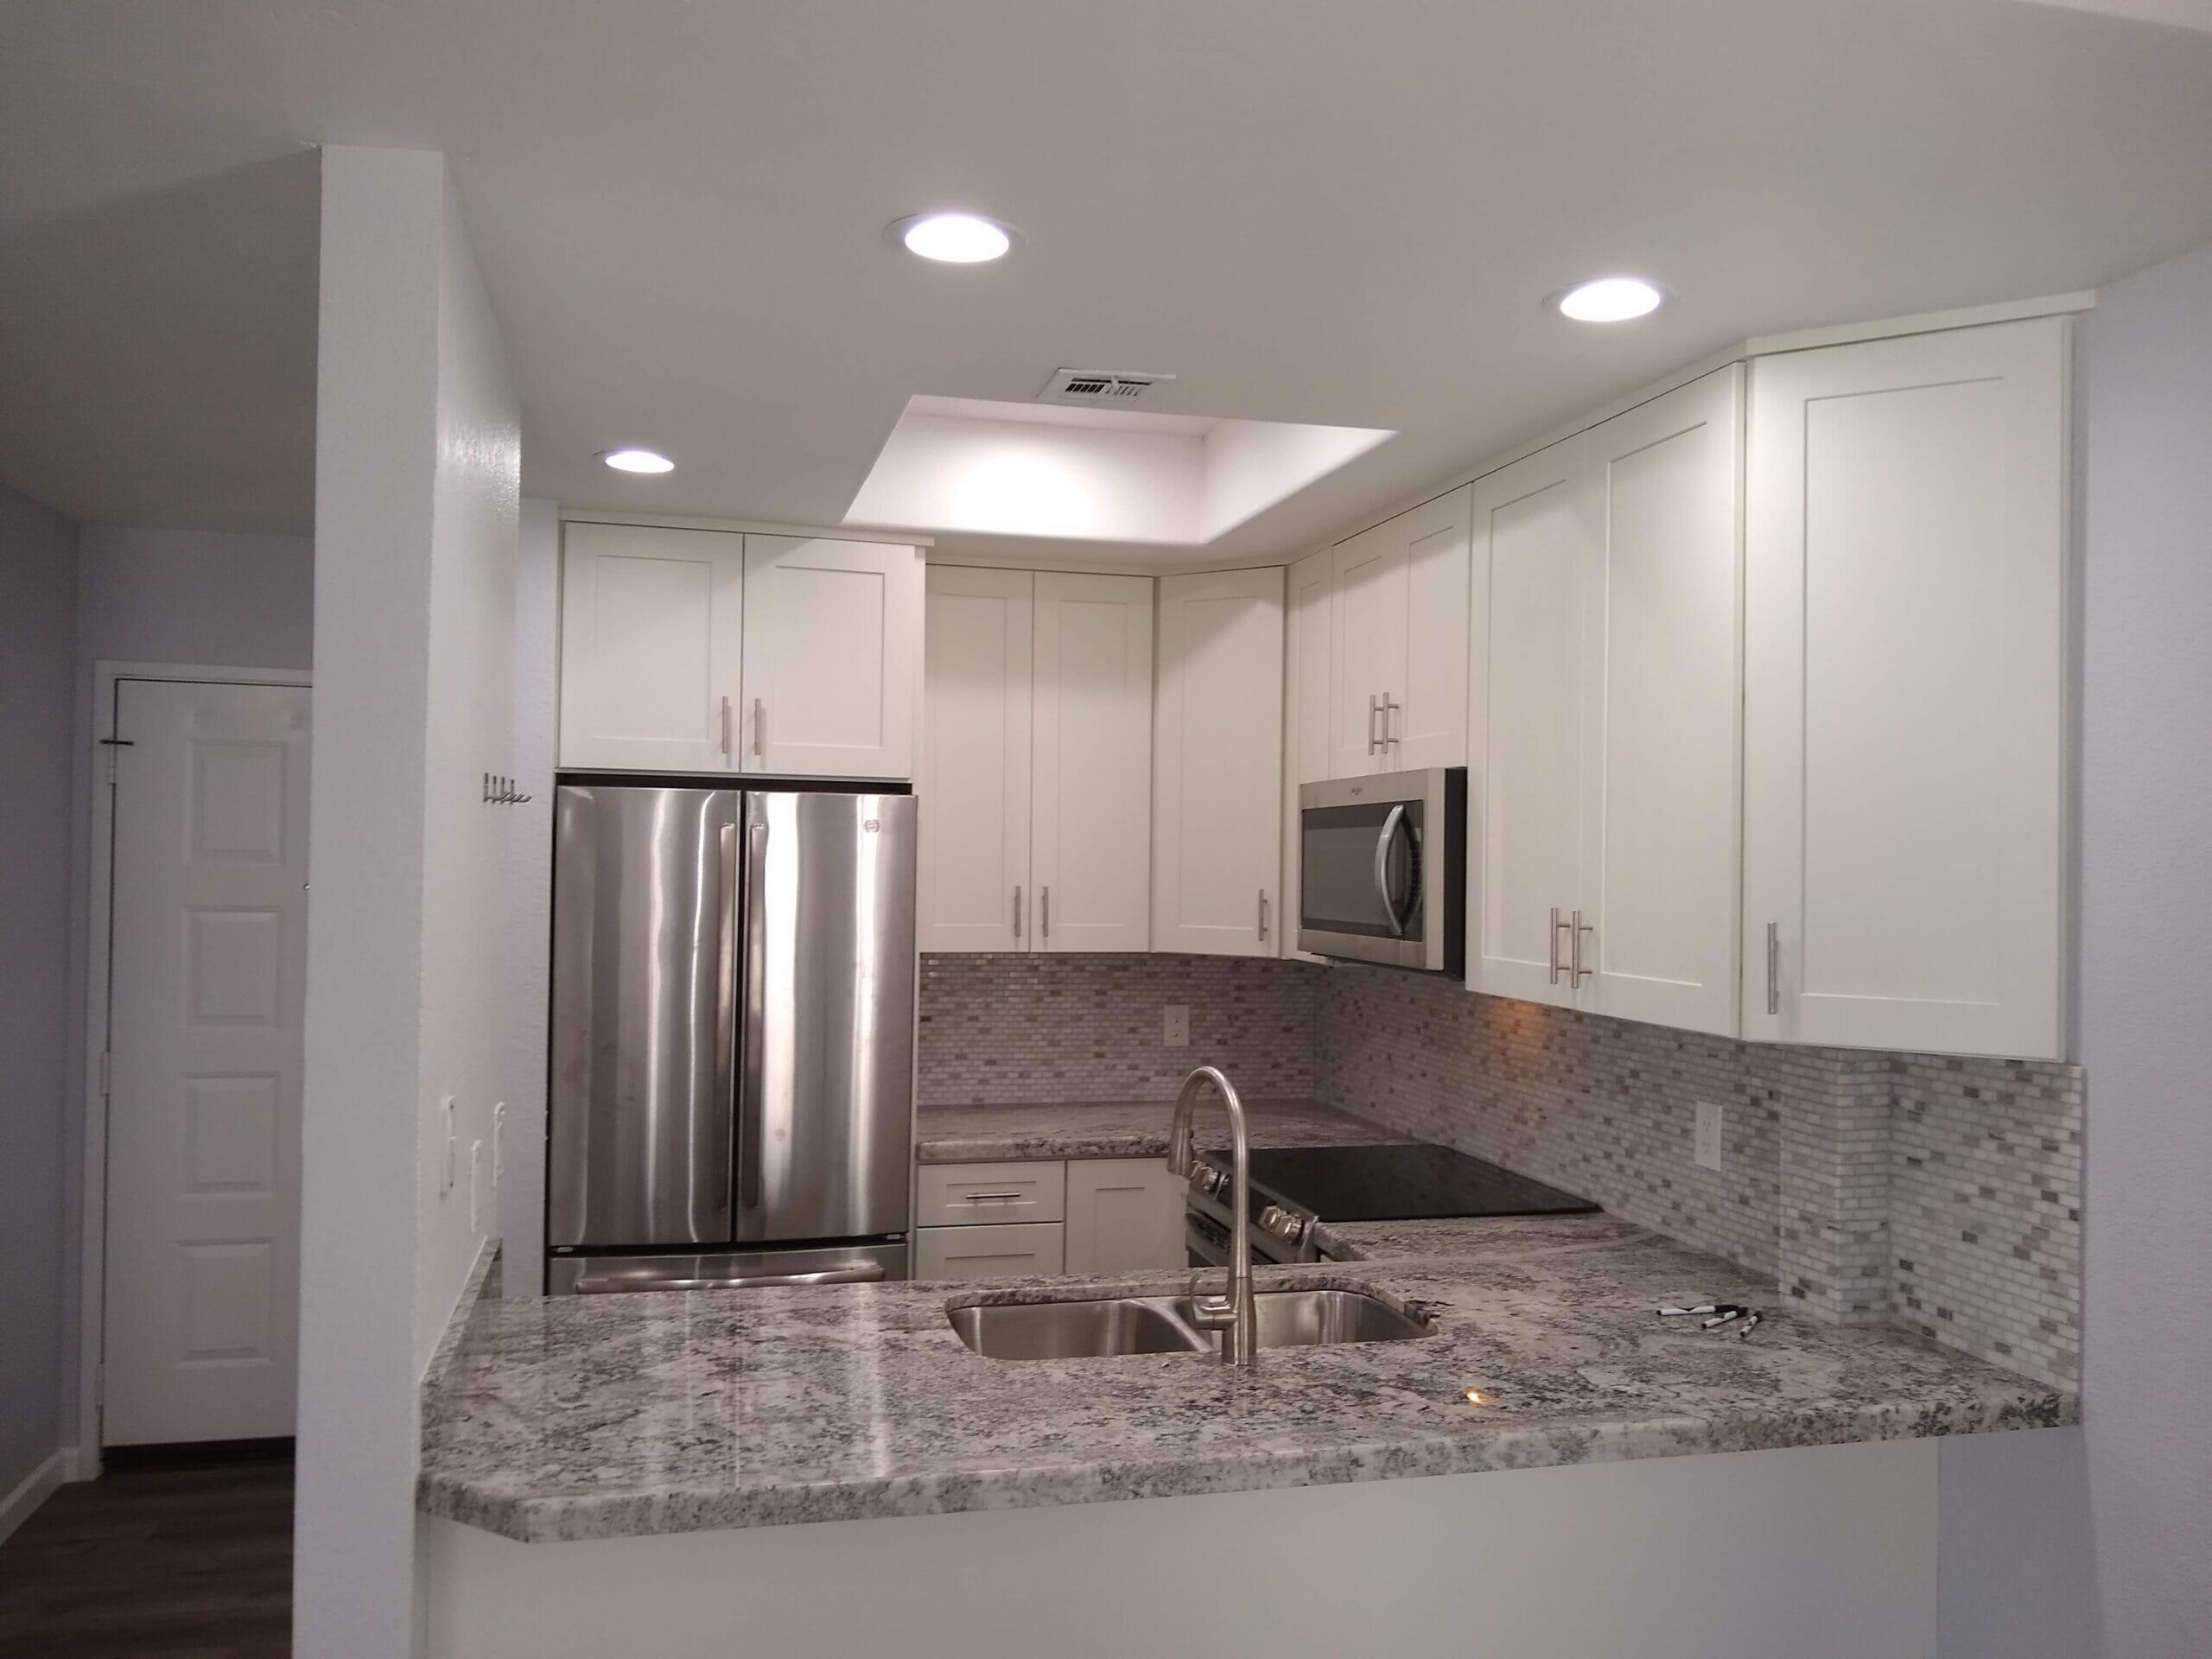 Condo, White Shaker Cabinets with Granite tops.